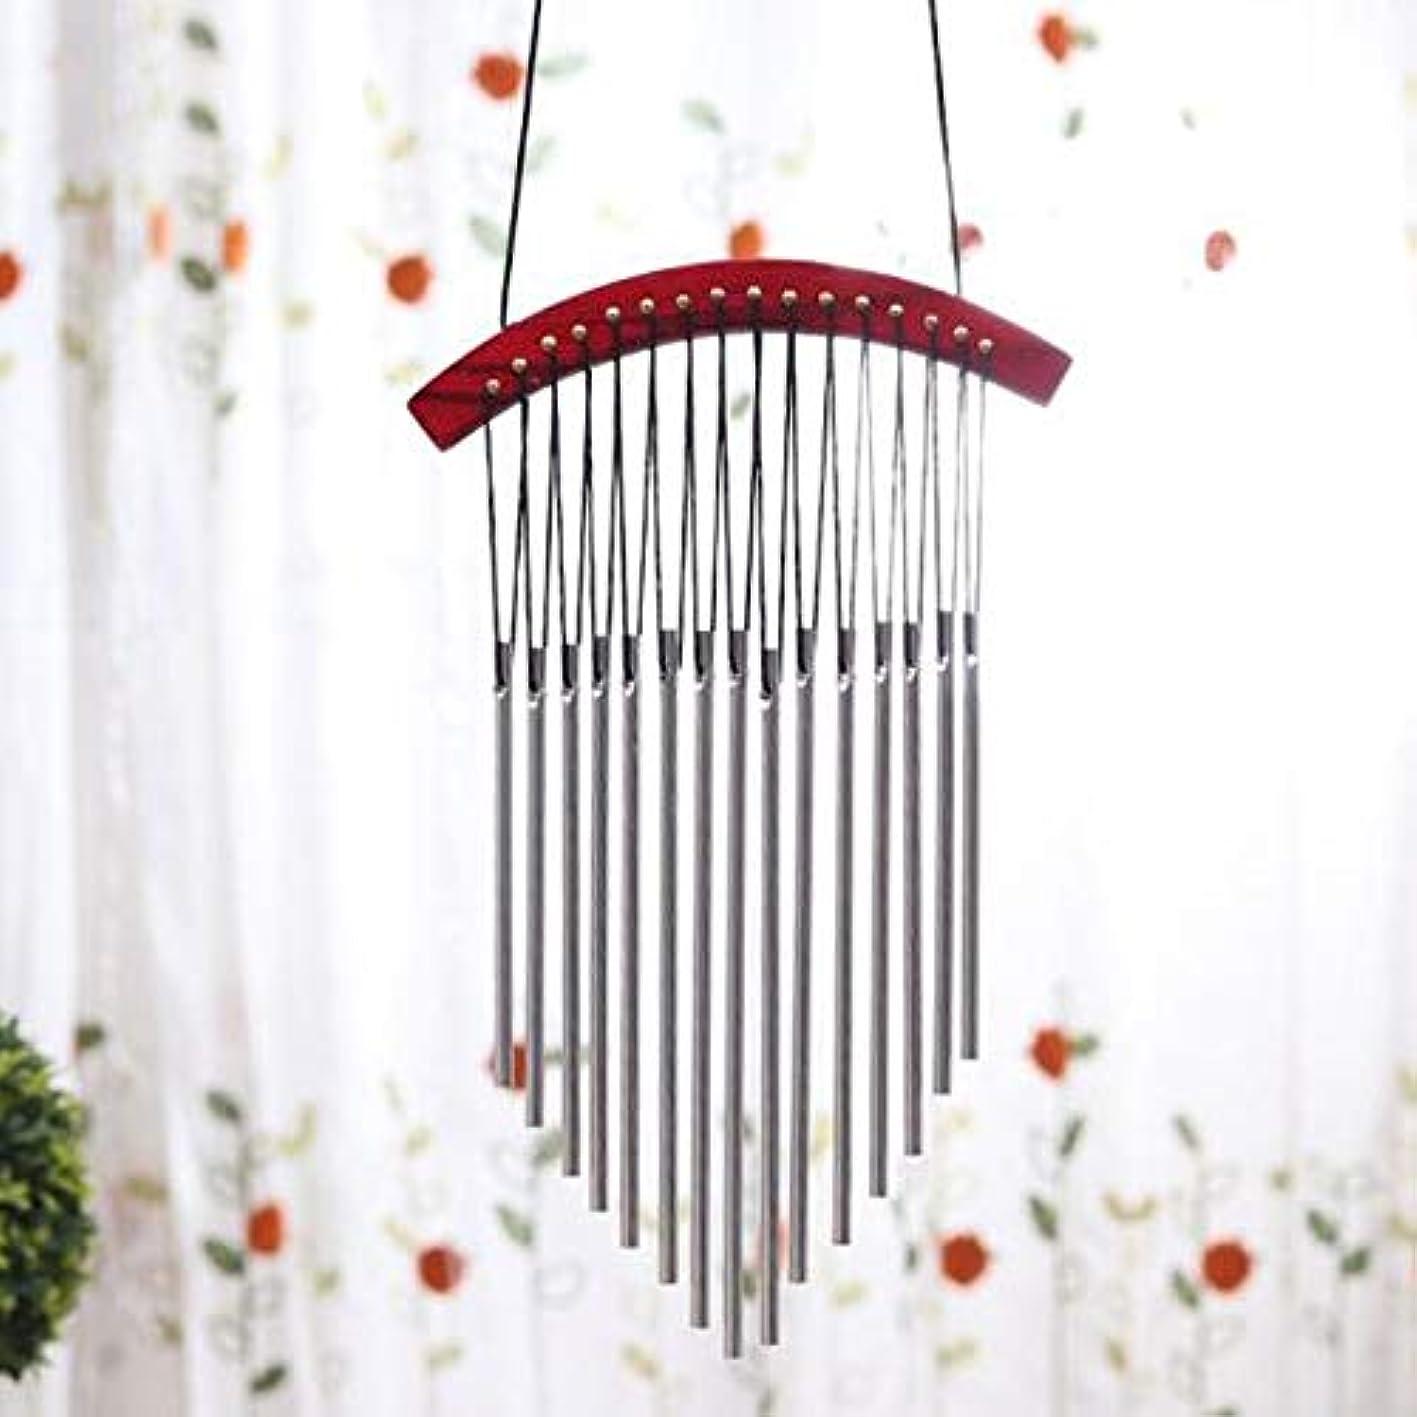 アスペクト九時四十五分フィットYougou01 風チャイム、木製メタルクリエイティブ風の鐘、赤、全身について45CM 、創造的な装飾 (Color : B)